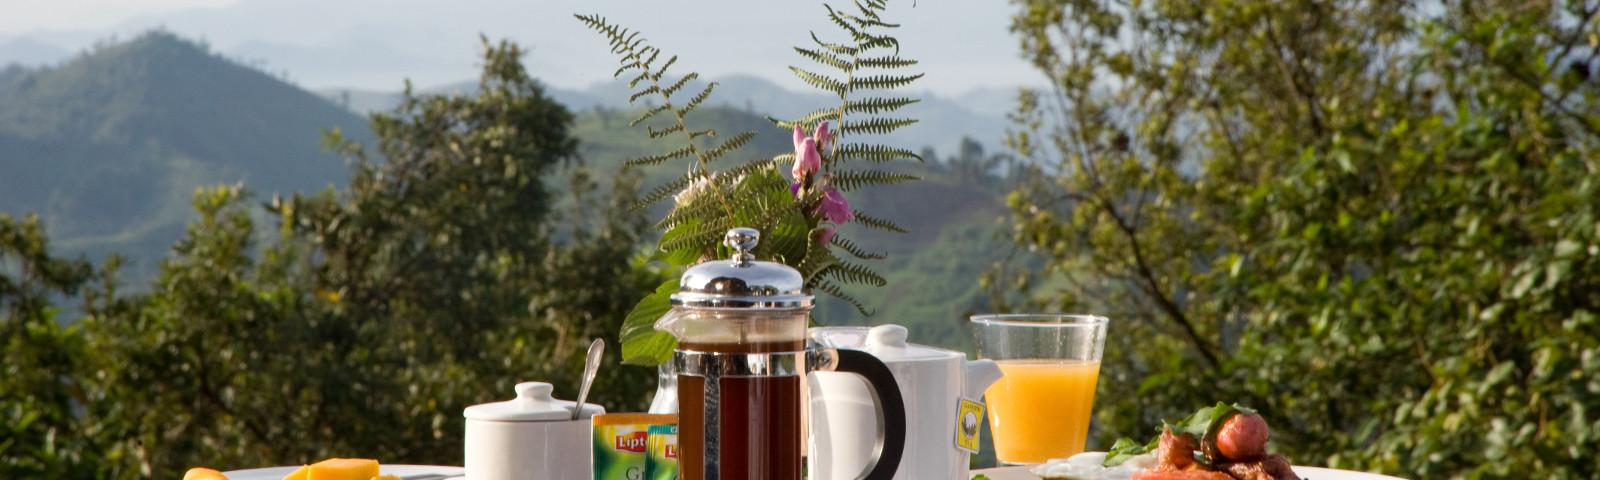 Frühstück um Hotel Clouds Estate in Winelands, Südafrika